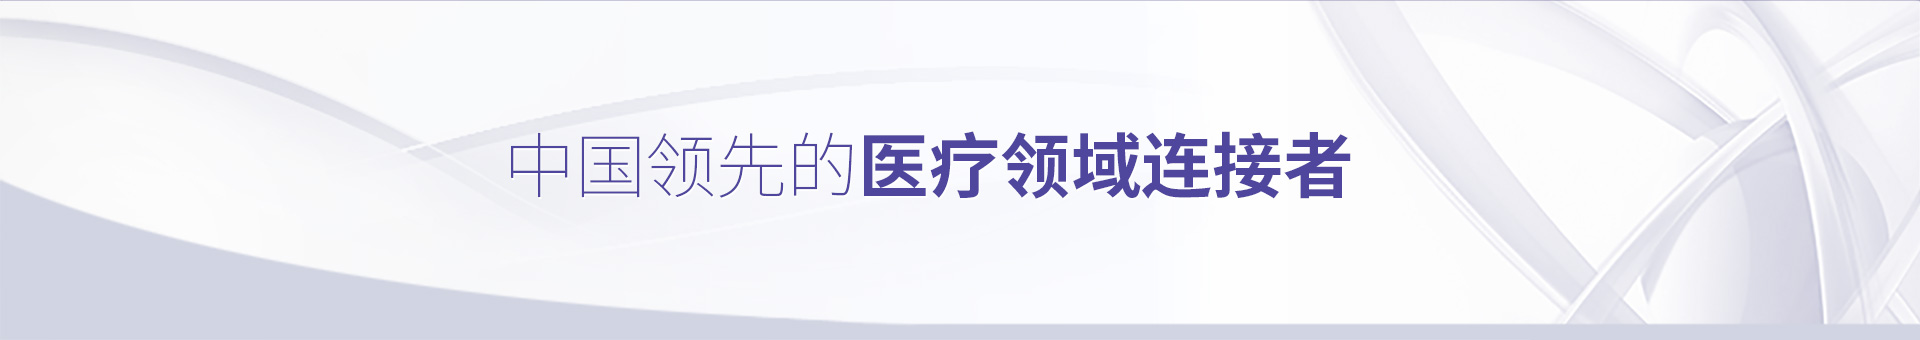 伟德体育 - 中国医疗领域的连接者